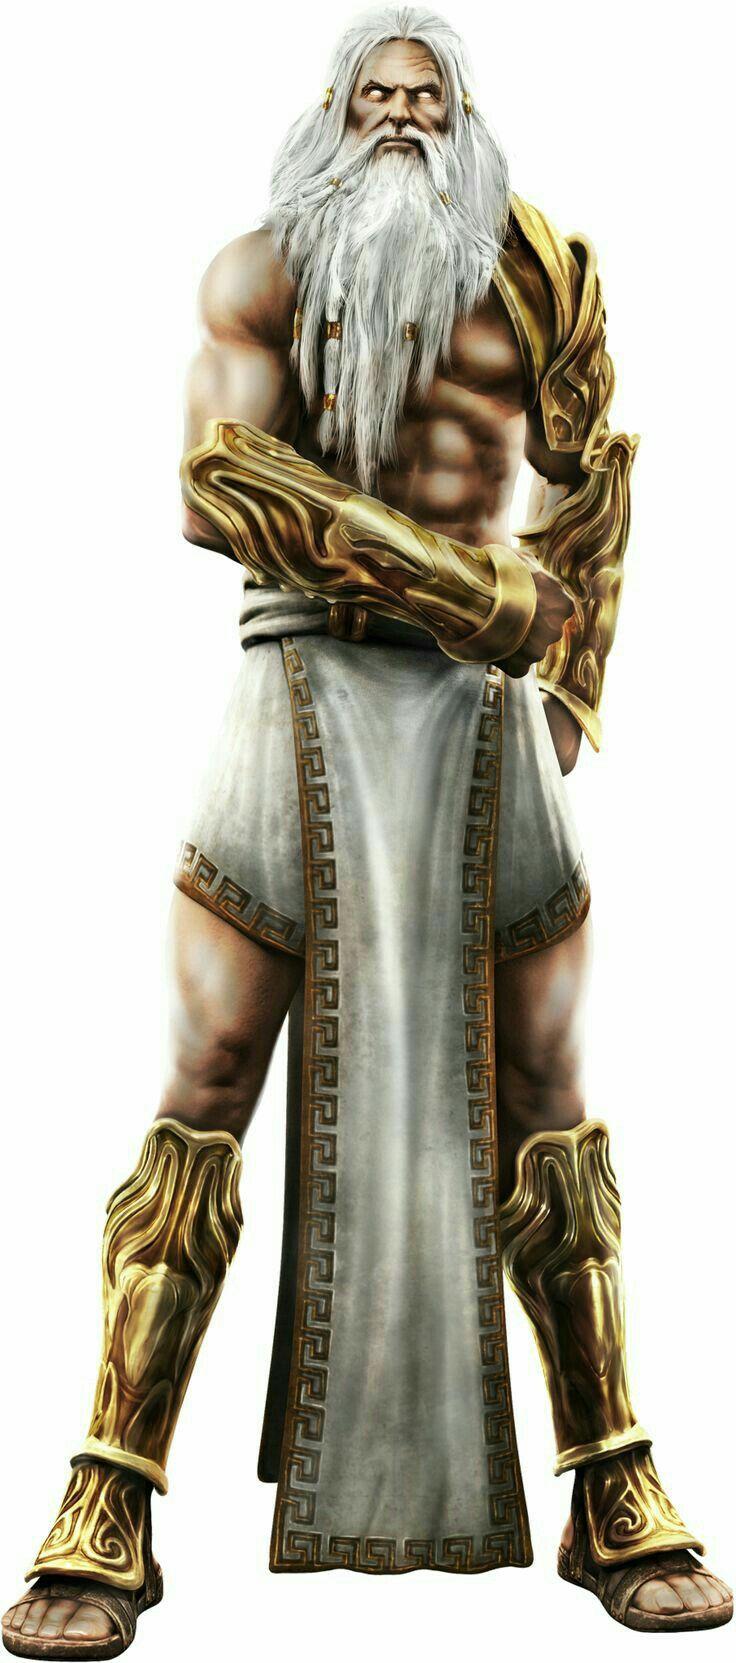 Pin De Odin Rubiella Em God Of War Kratos God Of War Deuses Mitologicos Desenho Dos Vingadores